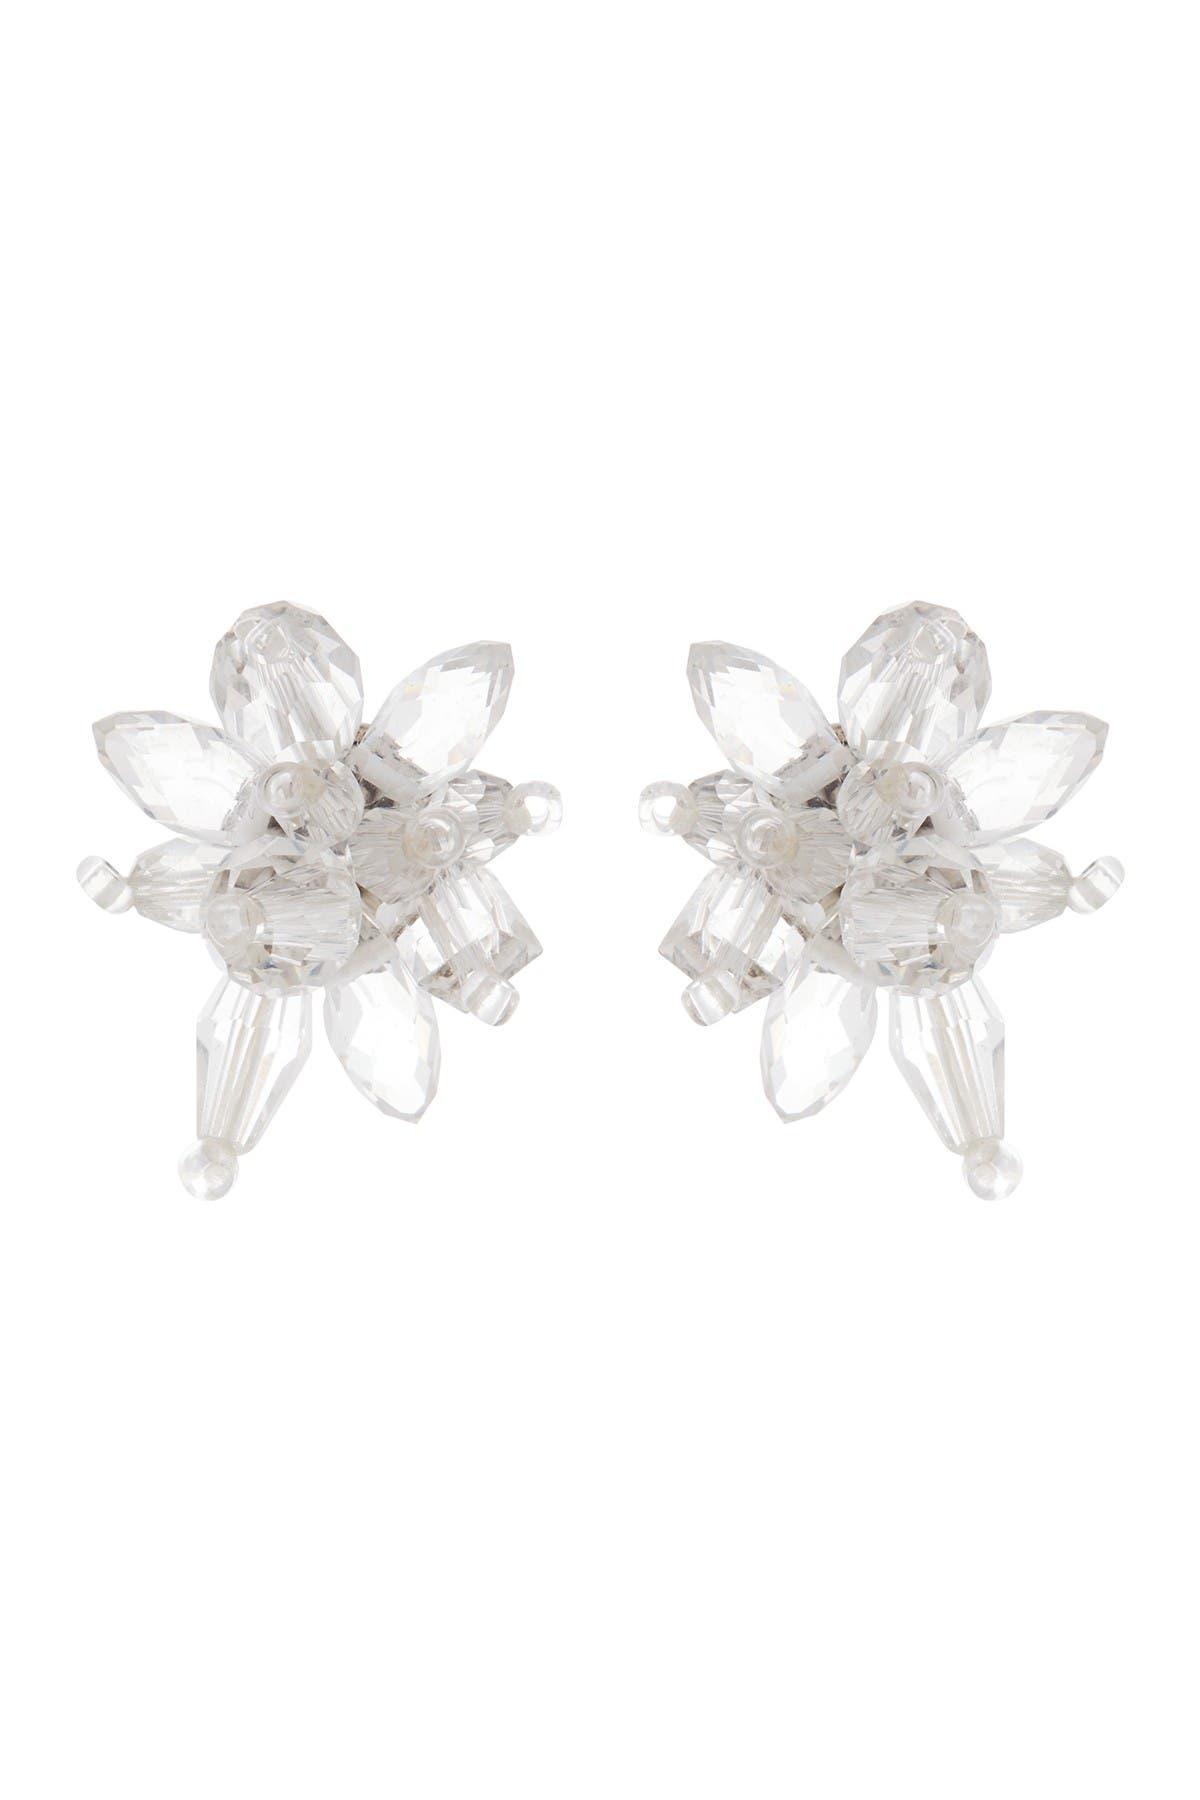 Image of kate spade new york crystal explosion stud earrings